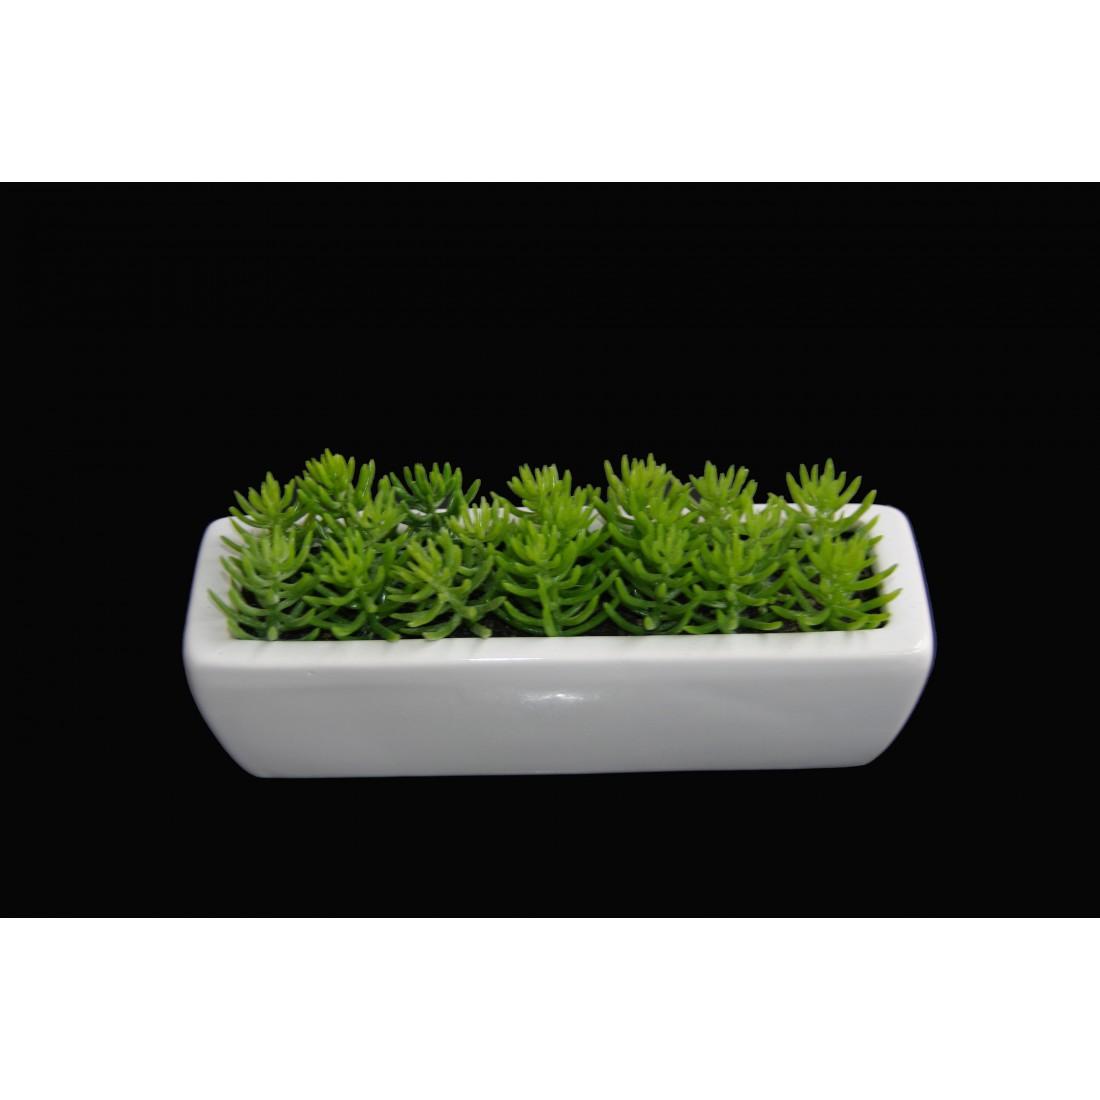 jardini re crassula tetragona artificiel 18 cm mini cactus plantes grasses artificiels. Black Bedroom Furniture Sets. Home Design Ideas